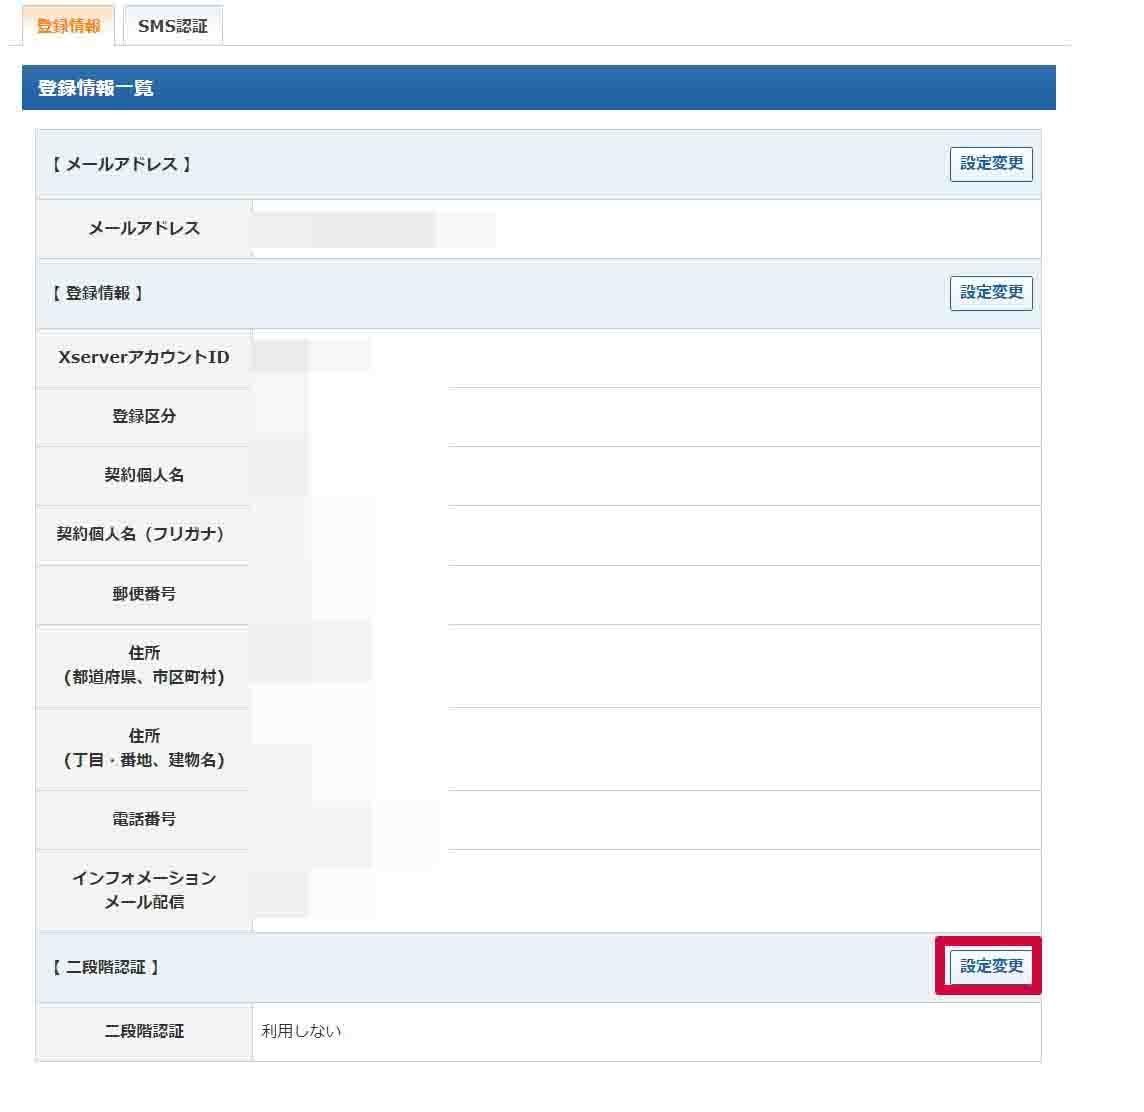 「登録情報の一覧」が表示されますので、そのページ内の一番下にある「二段階認証」の「設定変更」をクリックします。